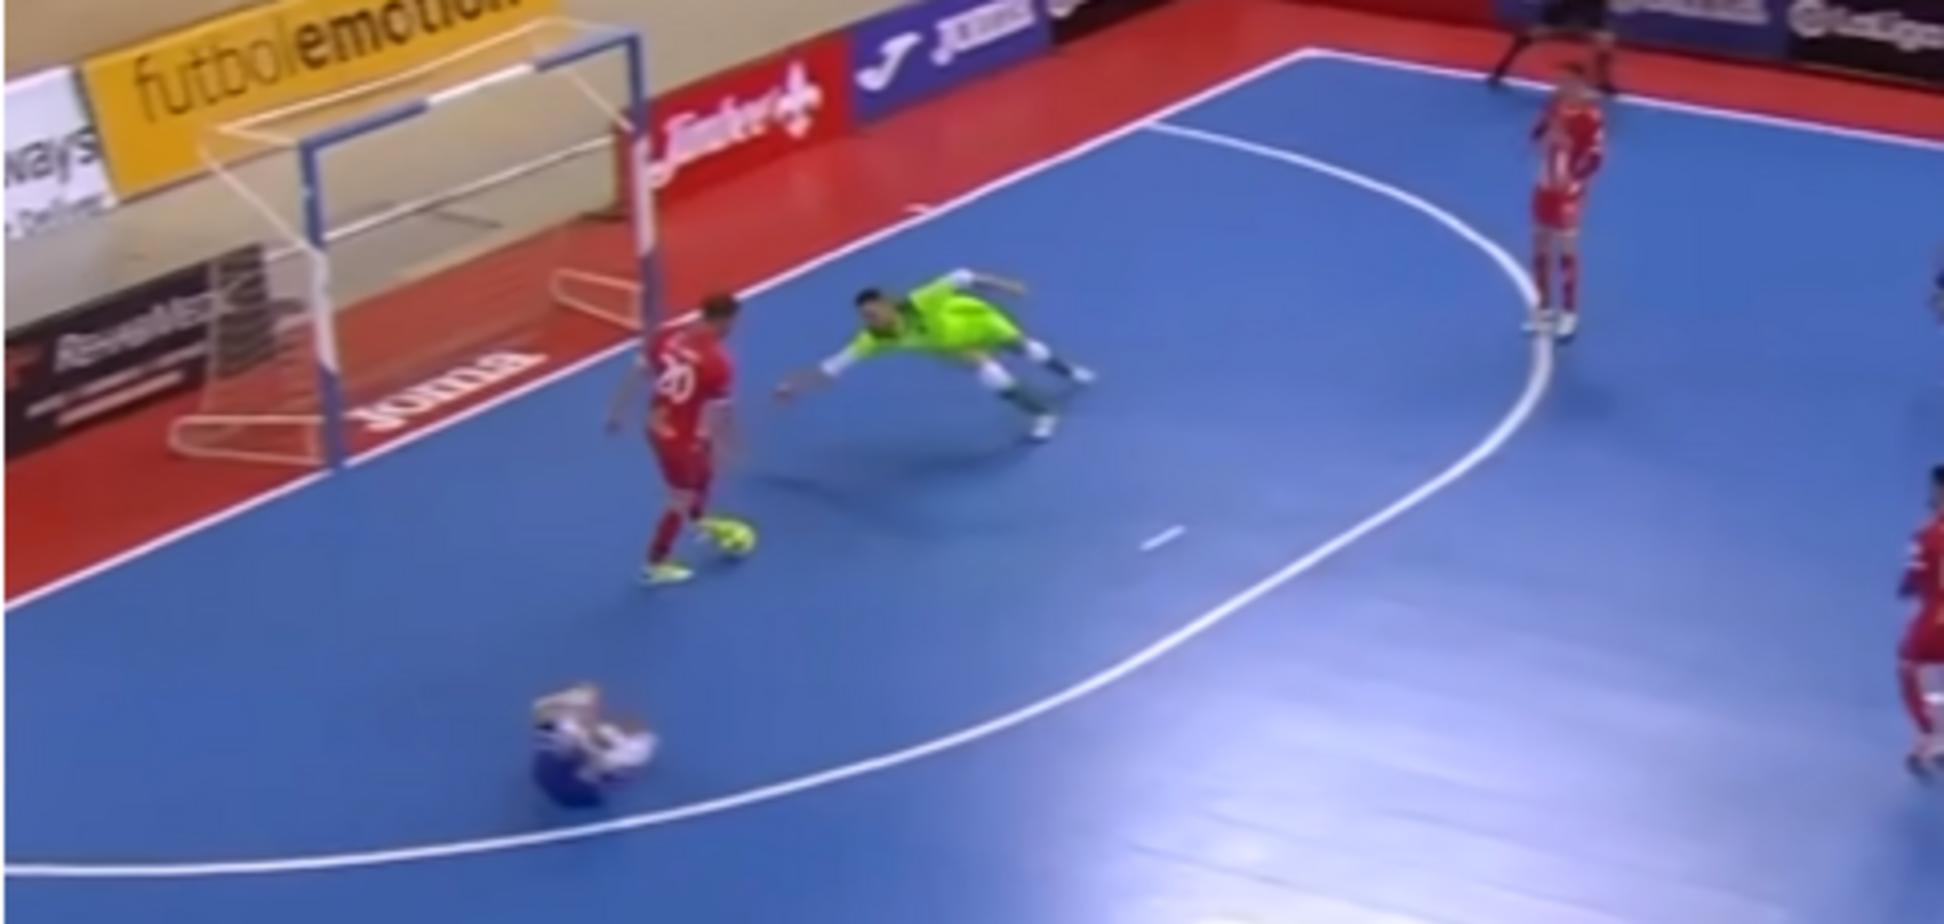 Корчился от боли: игрок отказался забивать гол в пустые ворота - видеофакт